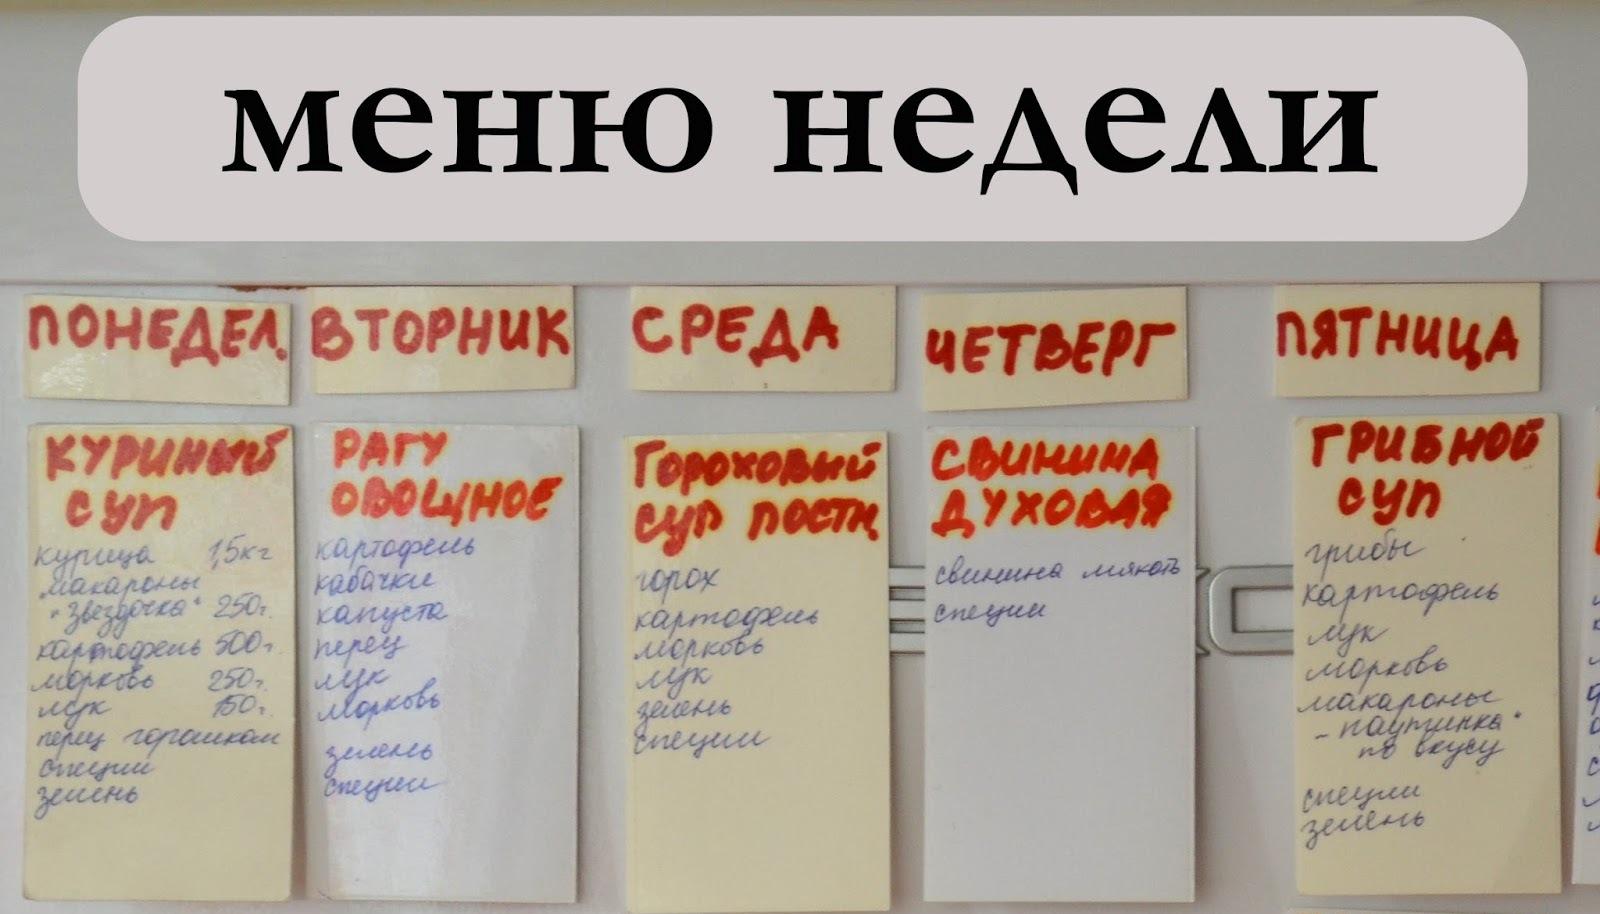 Планирование меню - на месяц, неделю, день | Флай Леди